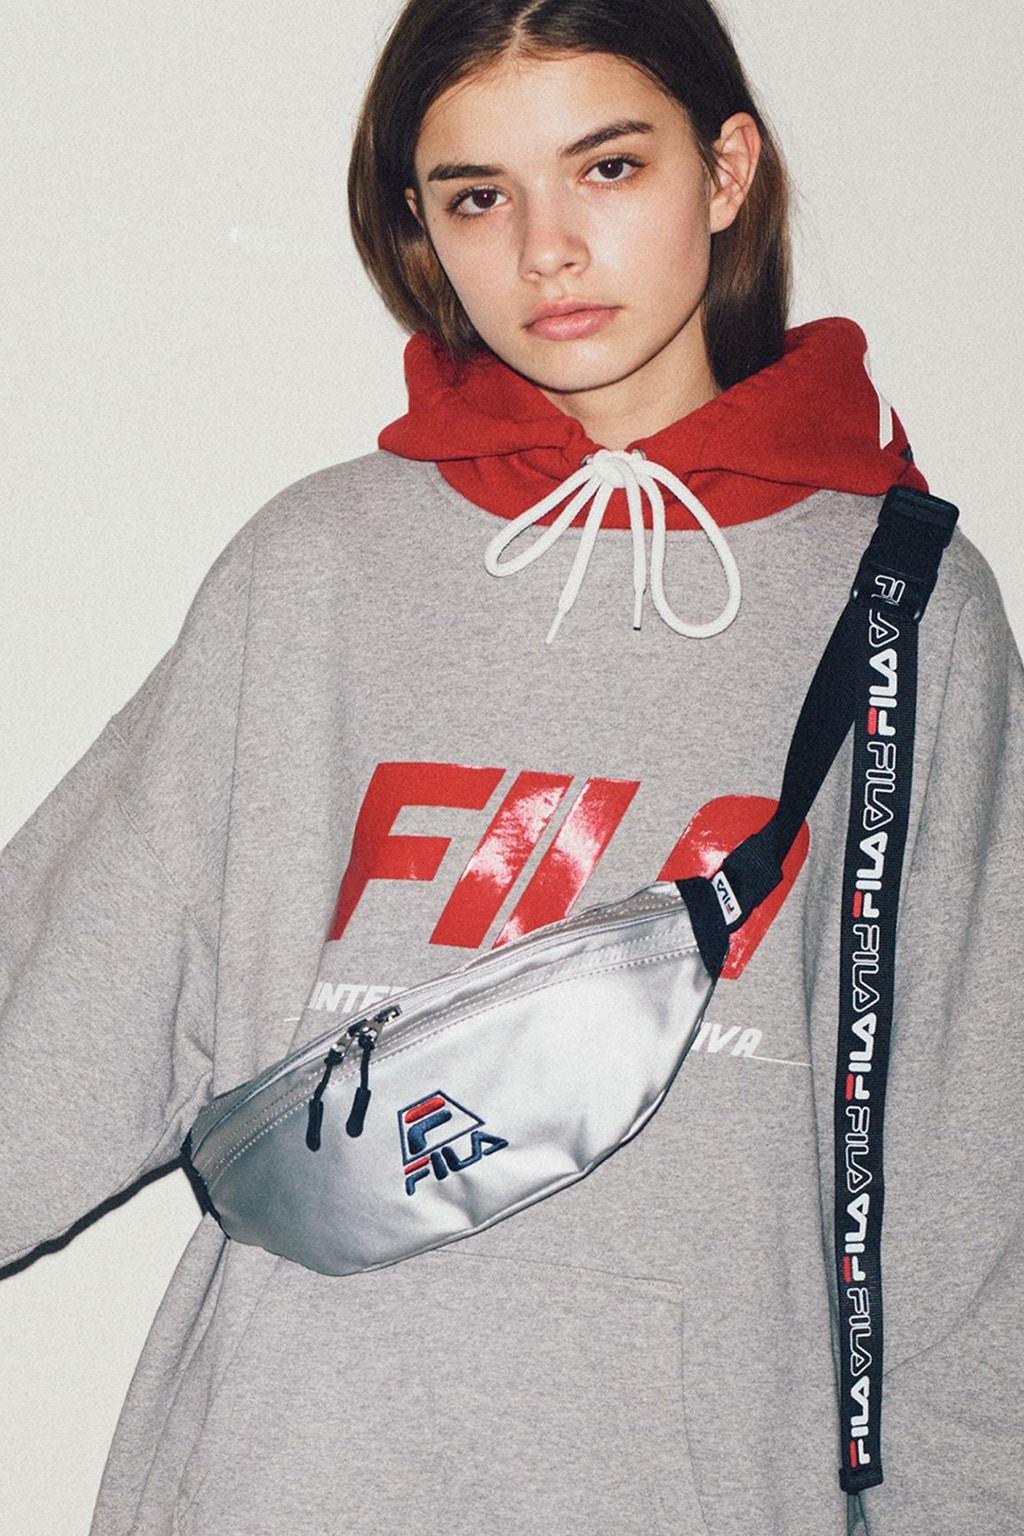 Monkey time x FILA collaborate Retro Sportswear Collection